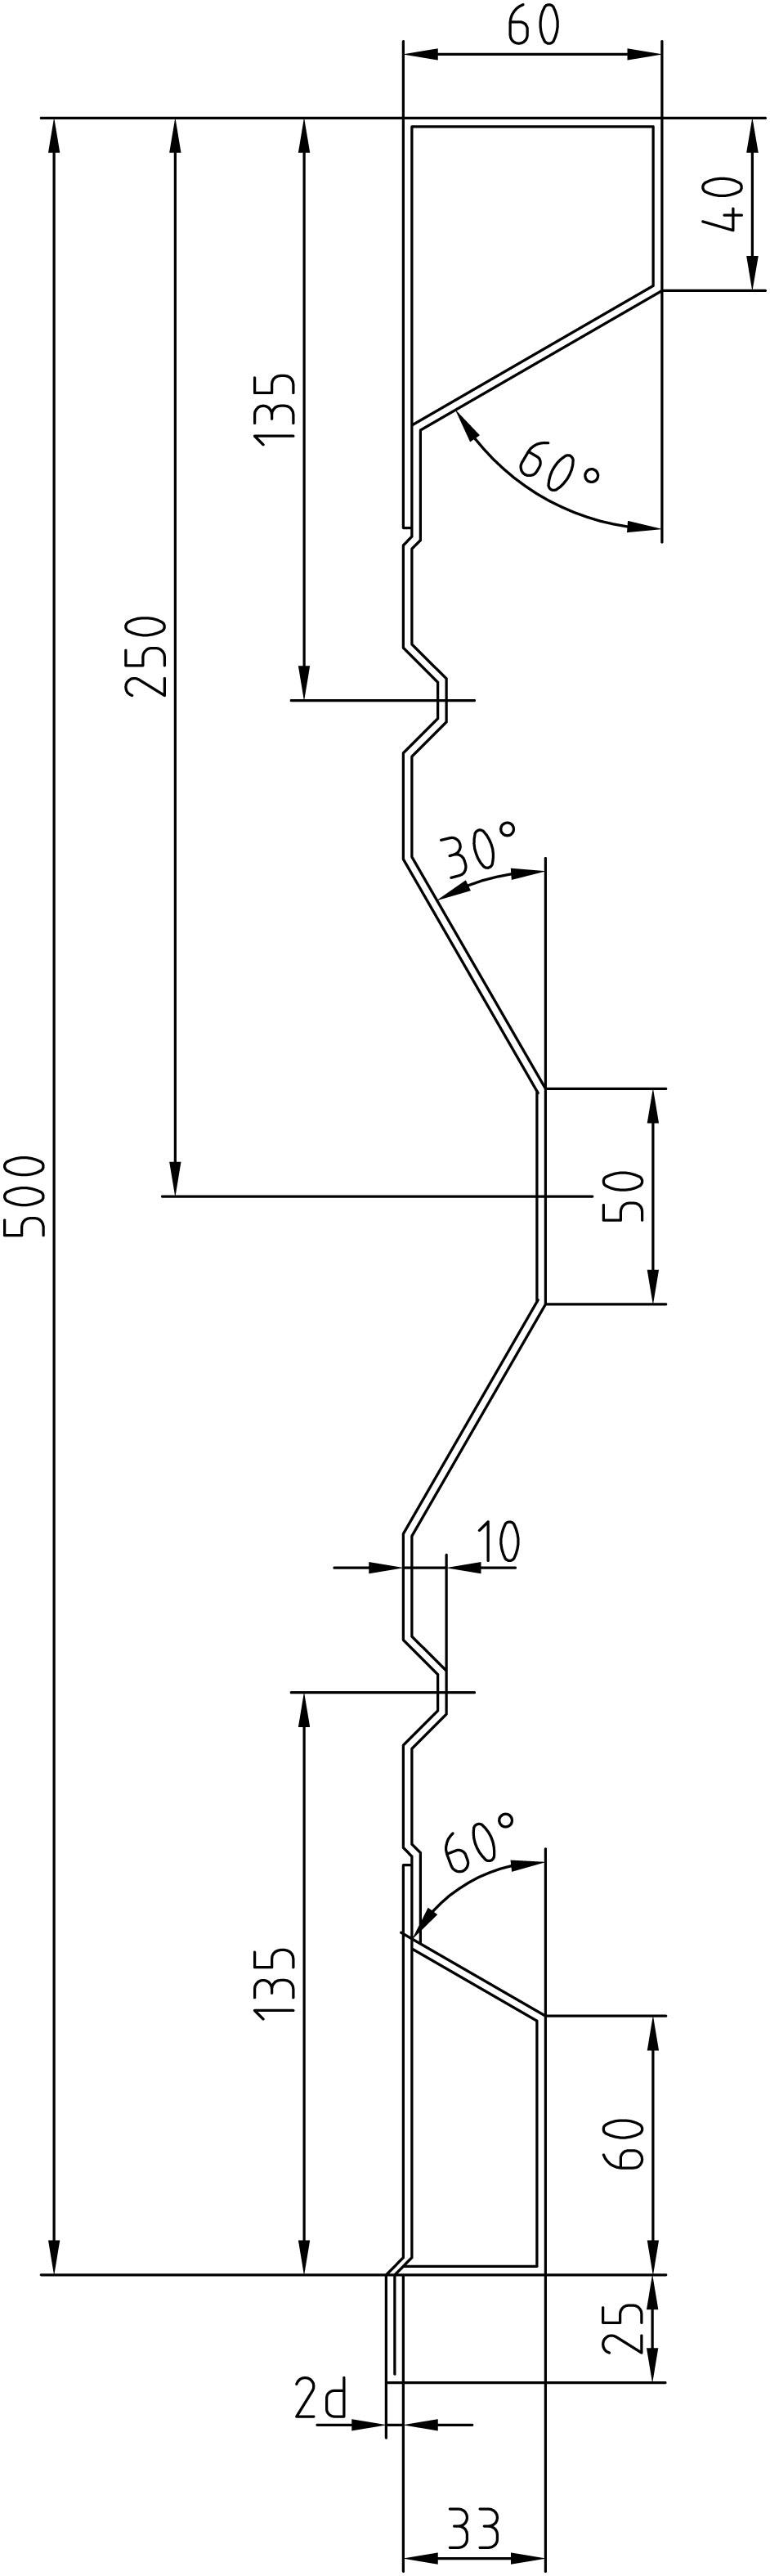 Brantner Kipper und Anhänger - 500x2x3940 attachment board with trailing edges